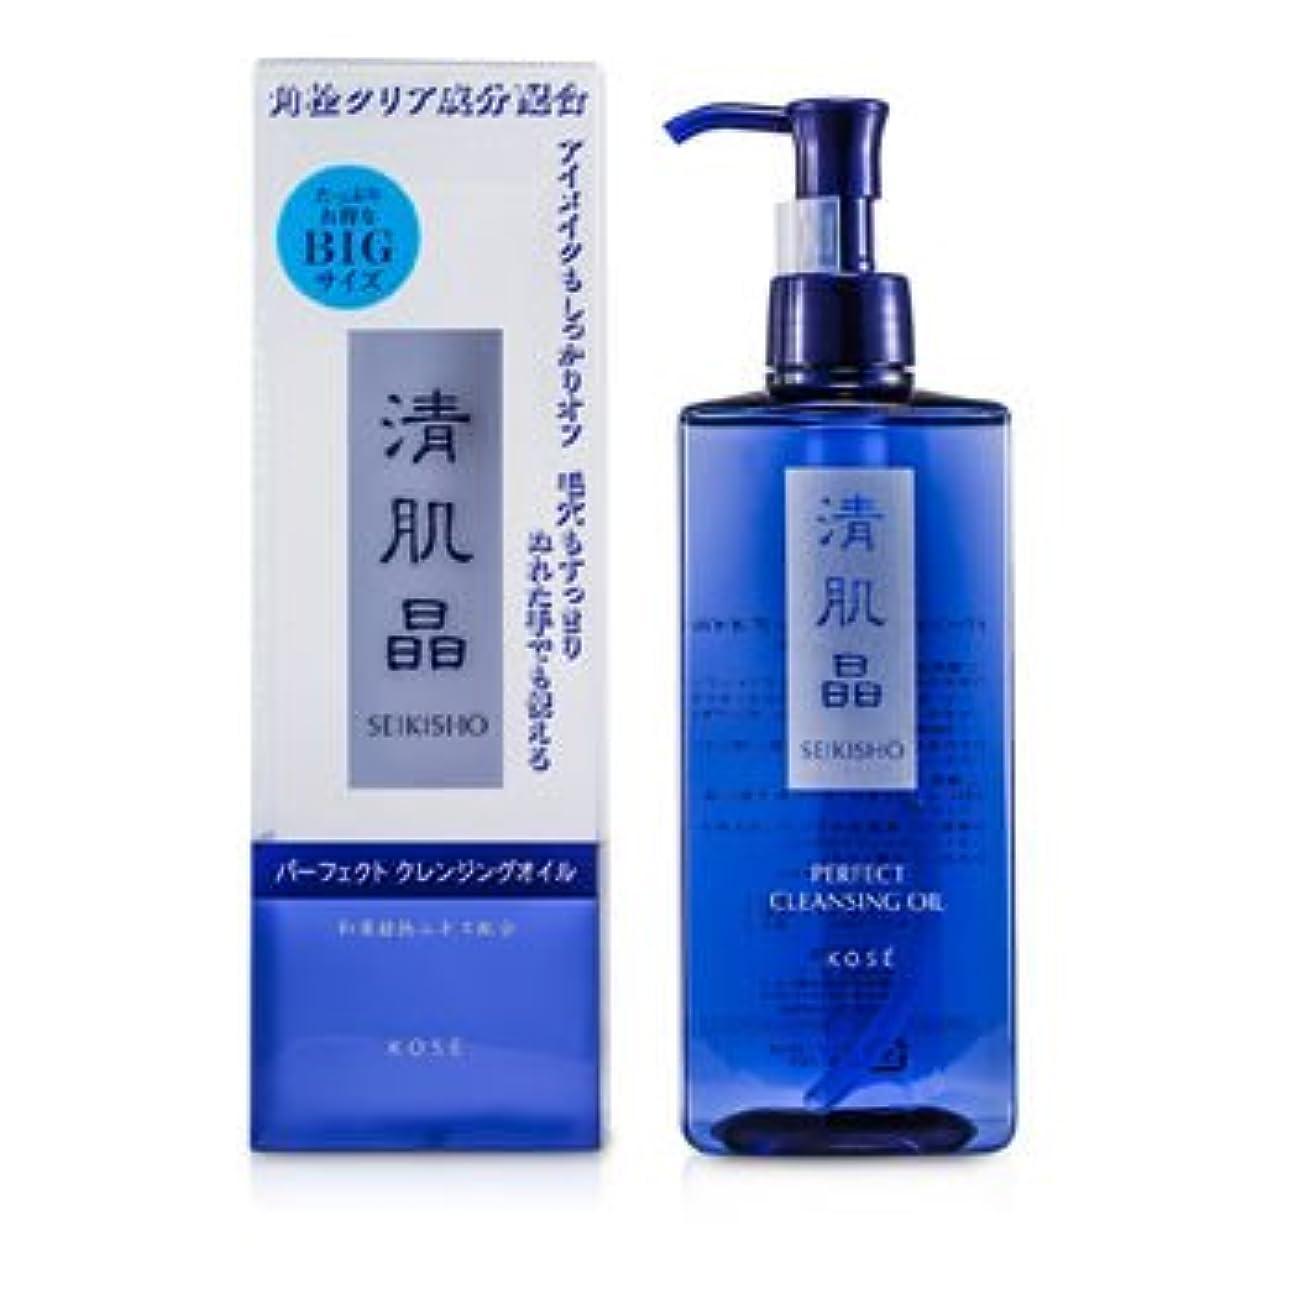 贅沢聴衆プレゼンターコーセー Seikisho Perfect Cleansing Oil 330ml/11oz並行輸入品